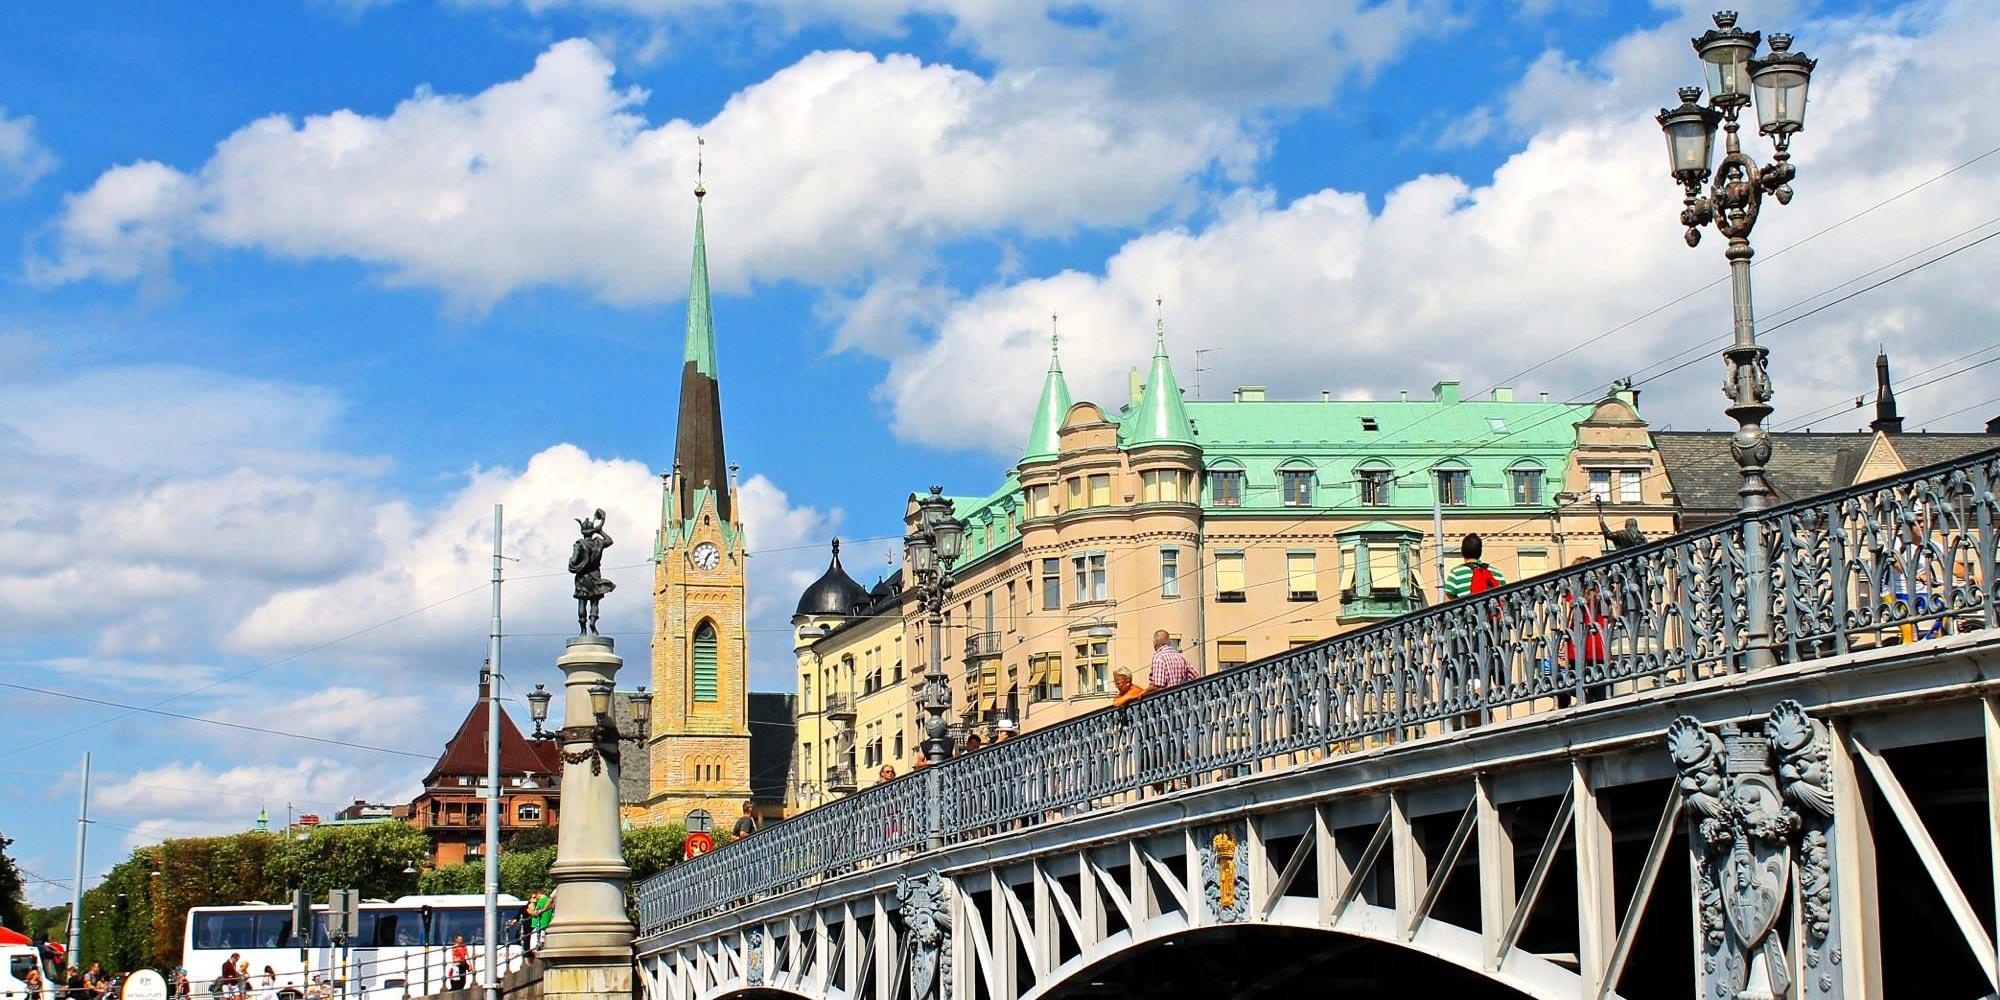 StockholmBridge